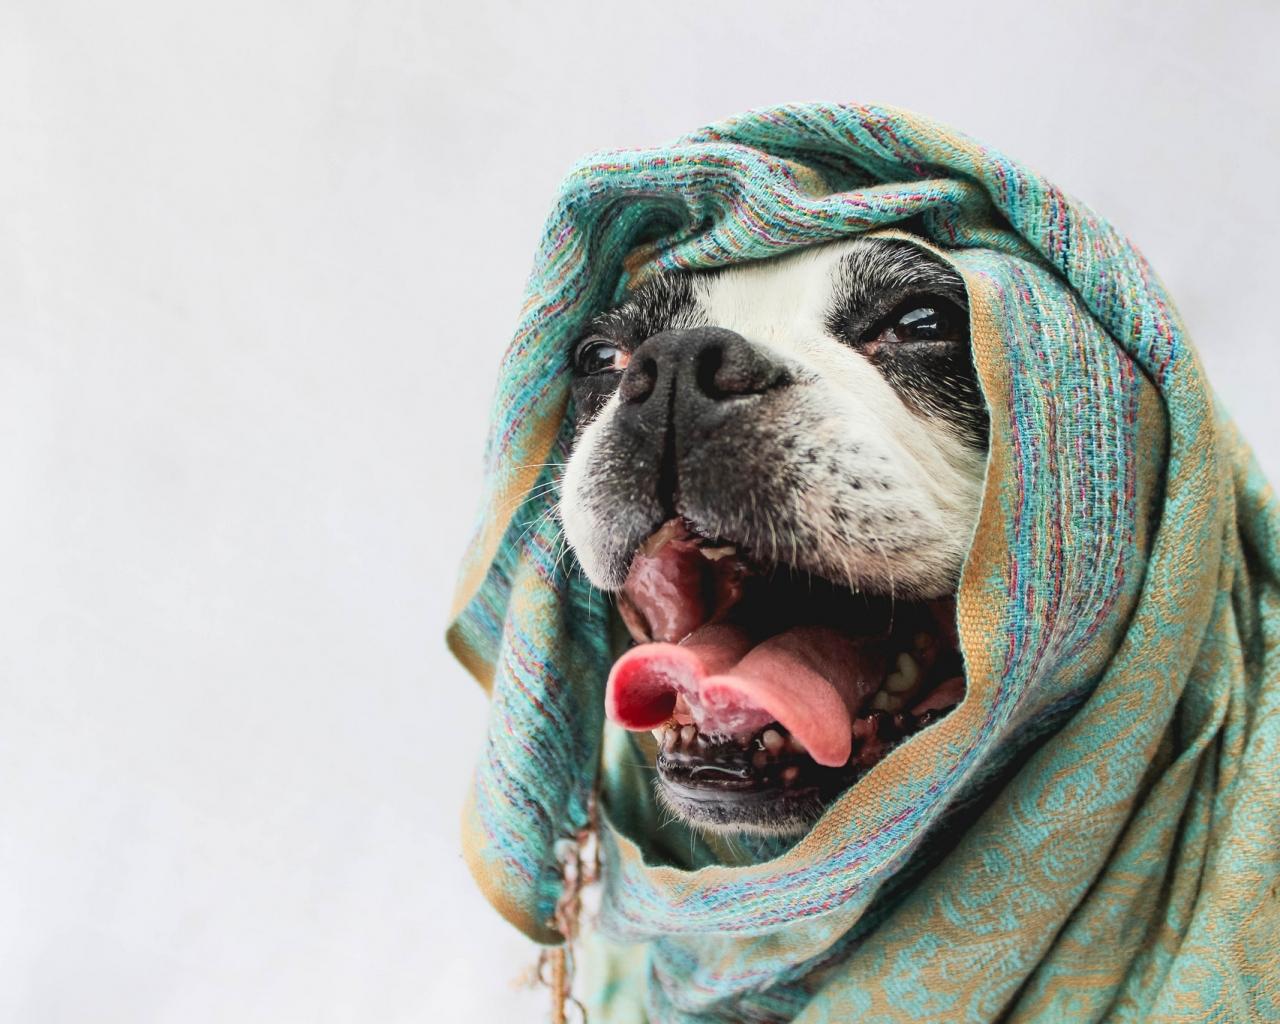 Bufandas para perros - 1280x1024